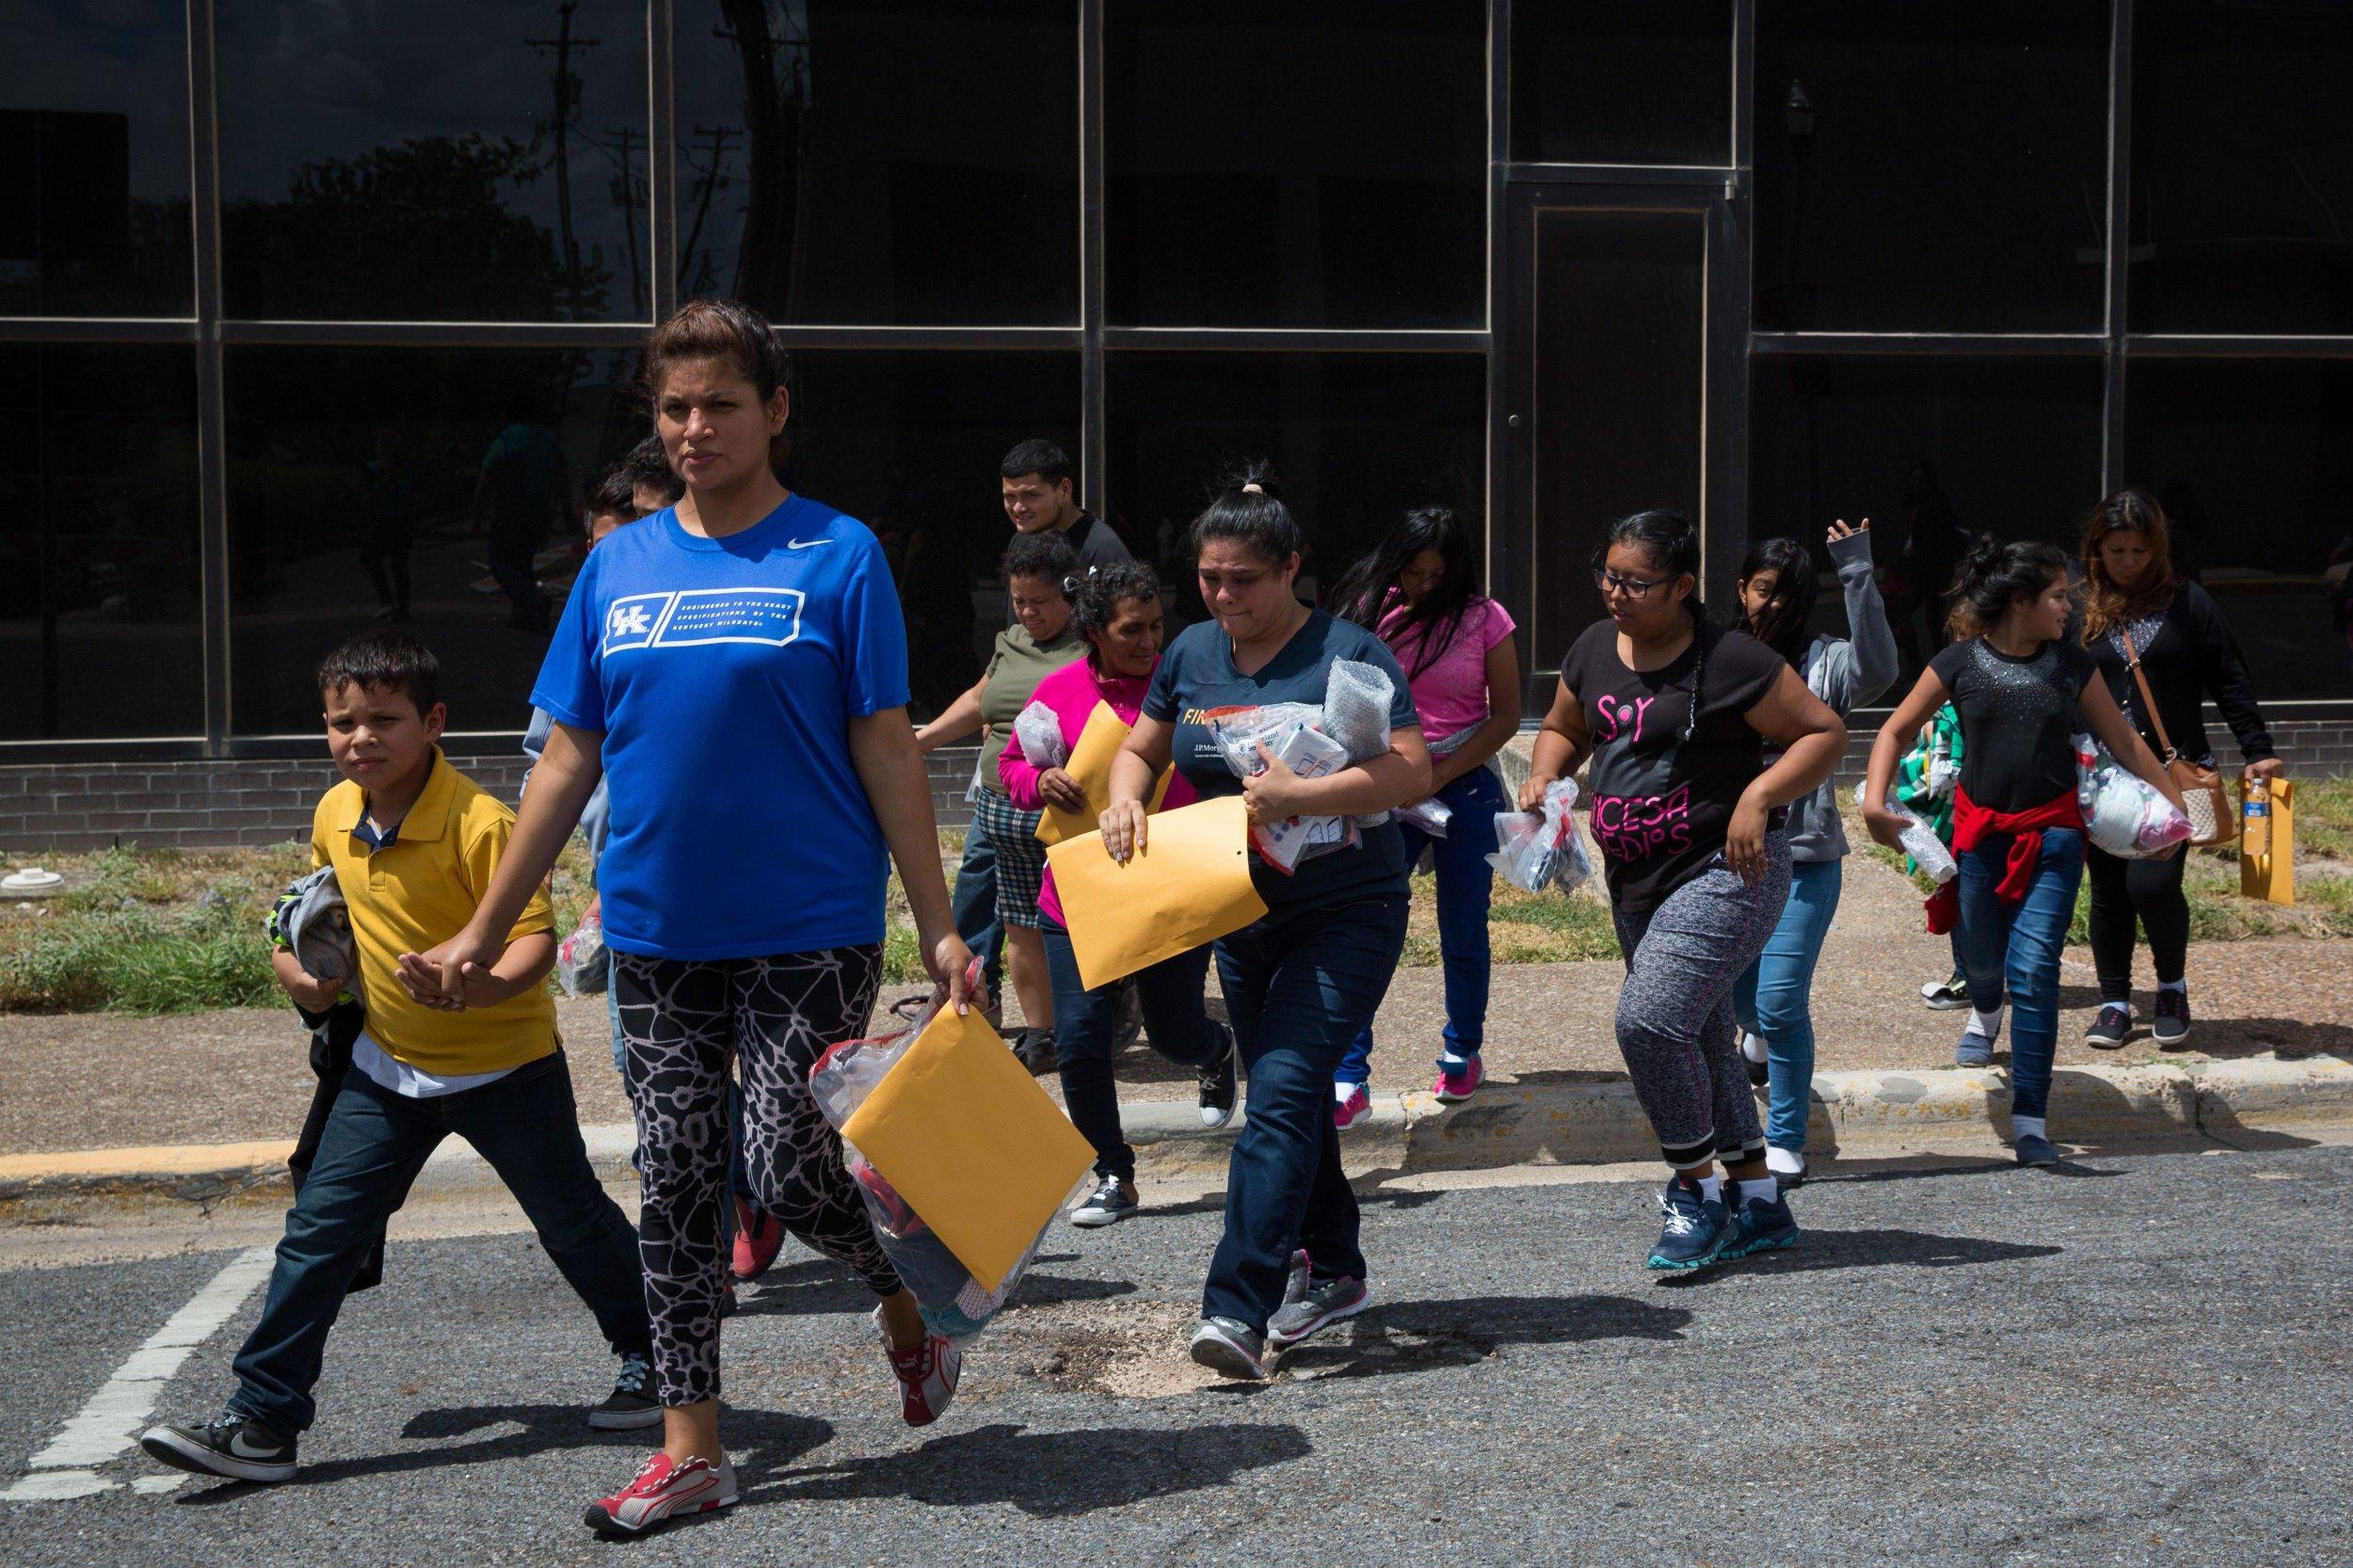 mcallen, immigrants, wall, border, cbp